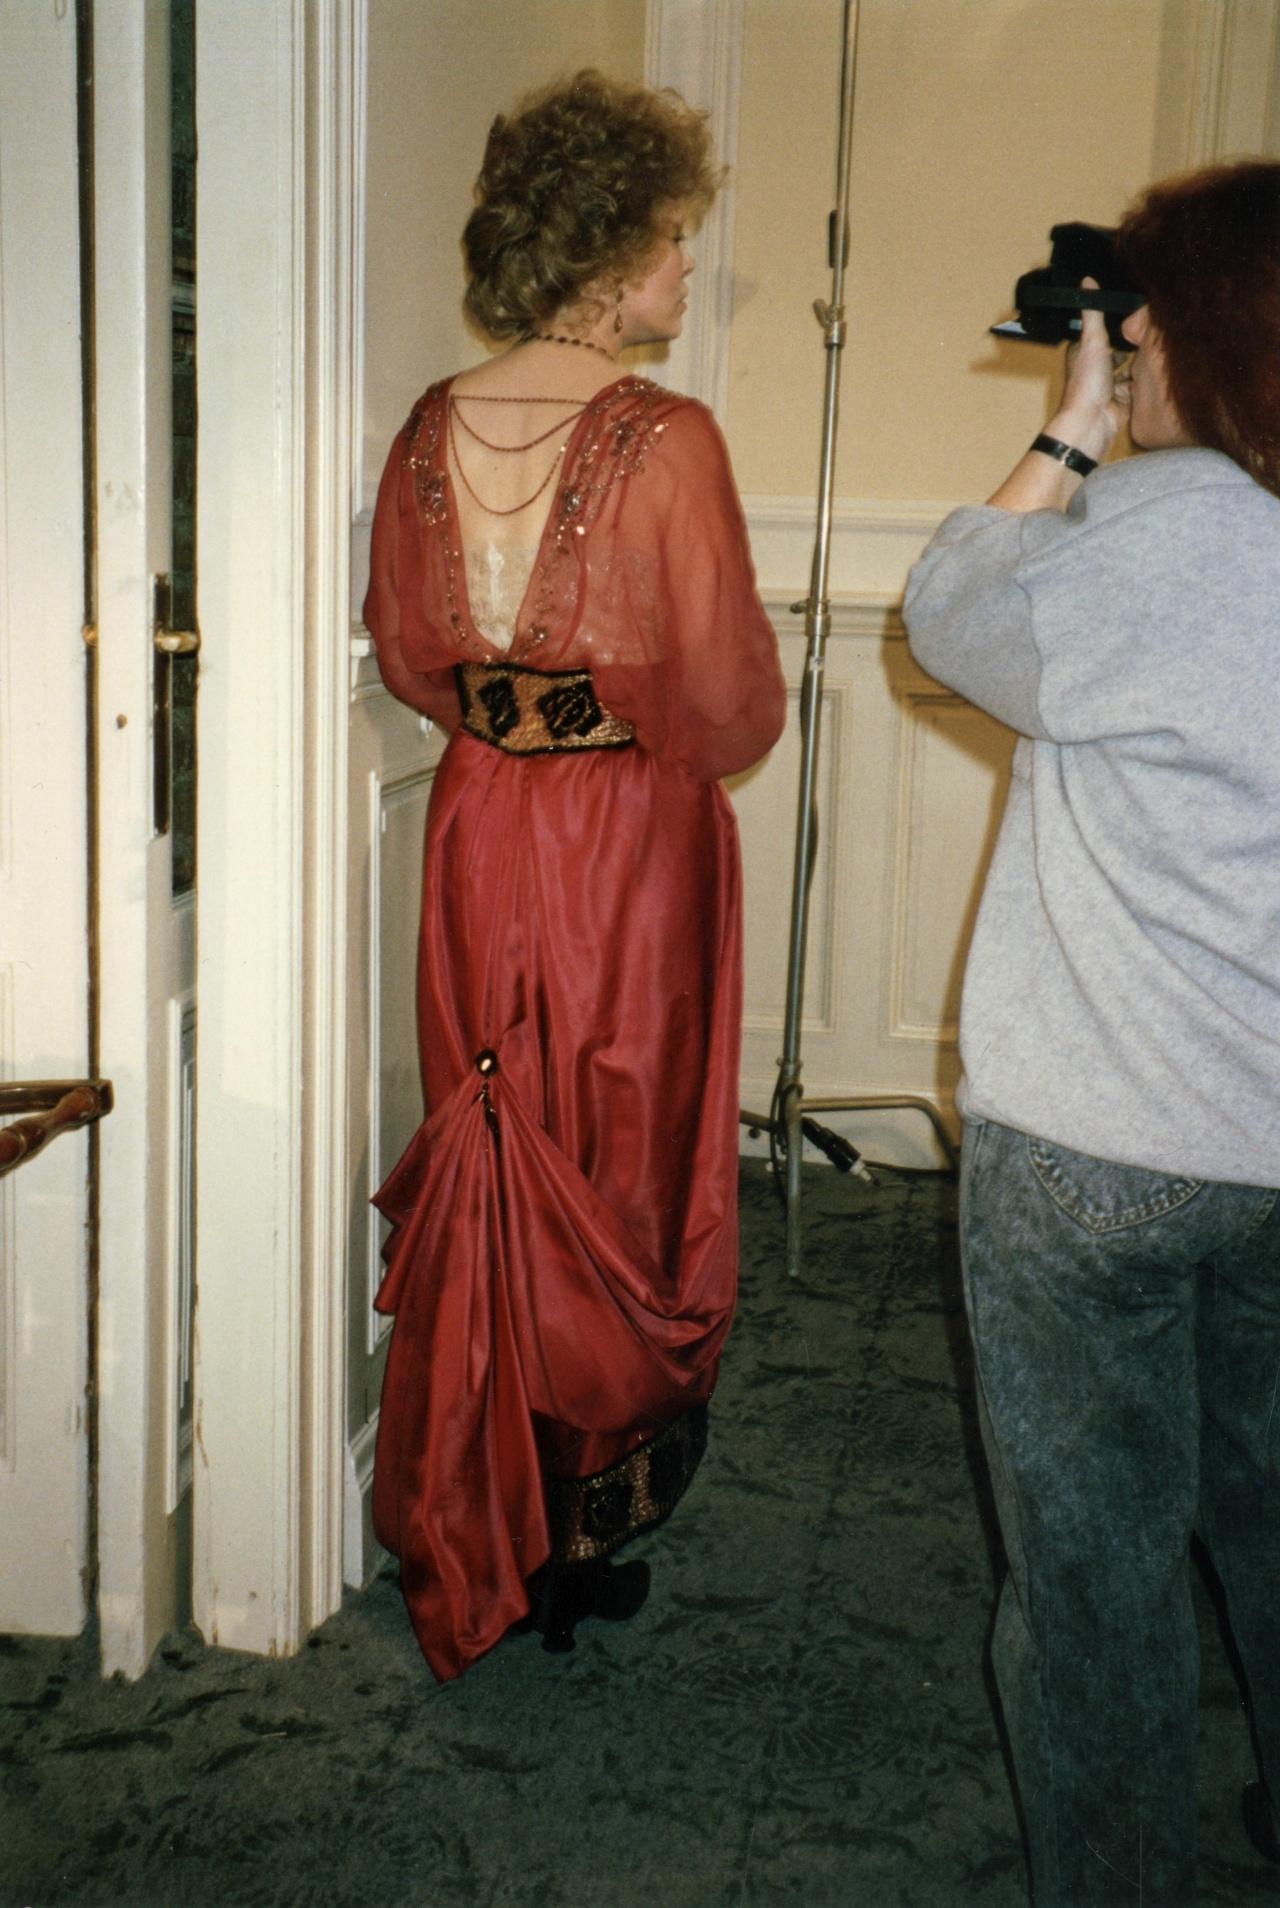 Burning Secret: Setfoto mit Faye Dunaway im roten Kleid